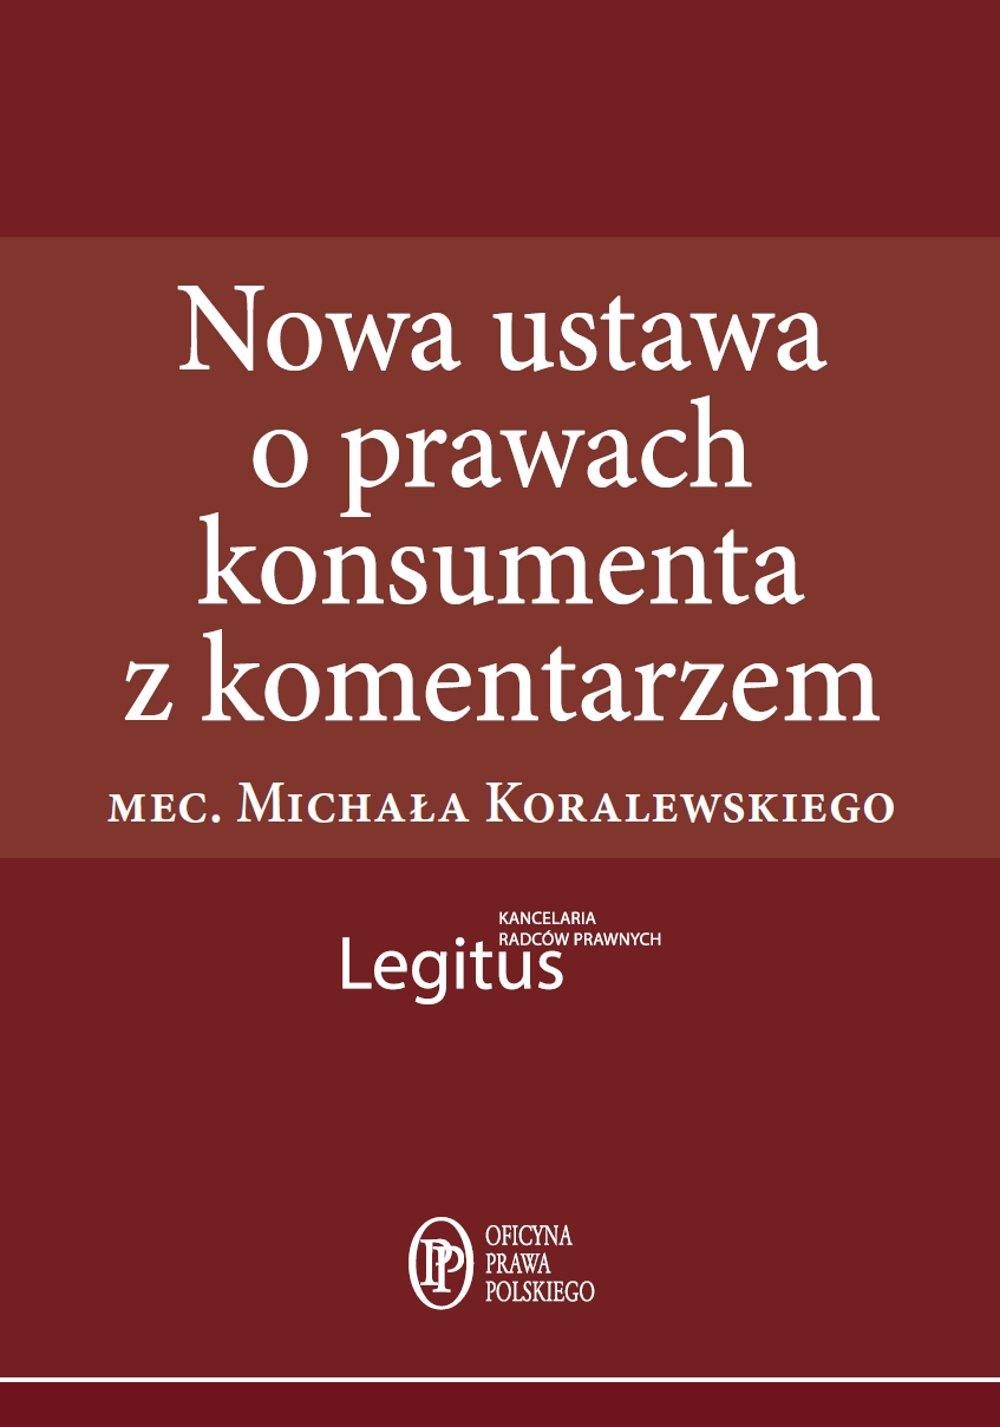 Nowa ustawa o prawach konsumenta z komentarzem - Ebook (Książka na Kindle) do pobrania w formacie MOBI